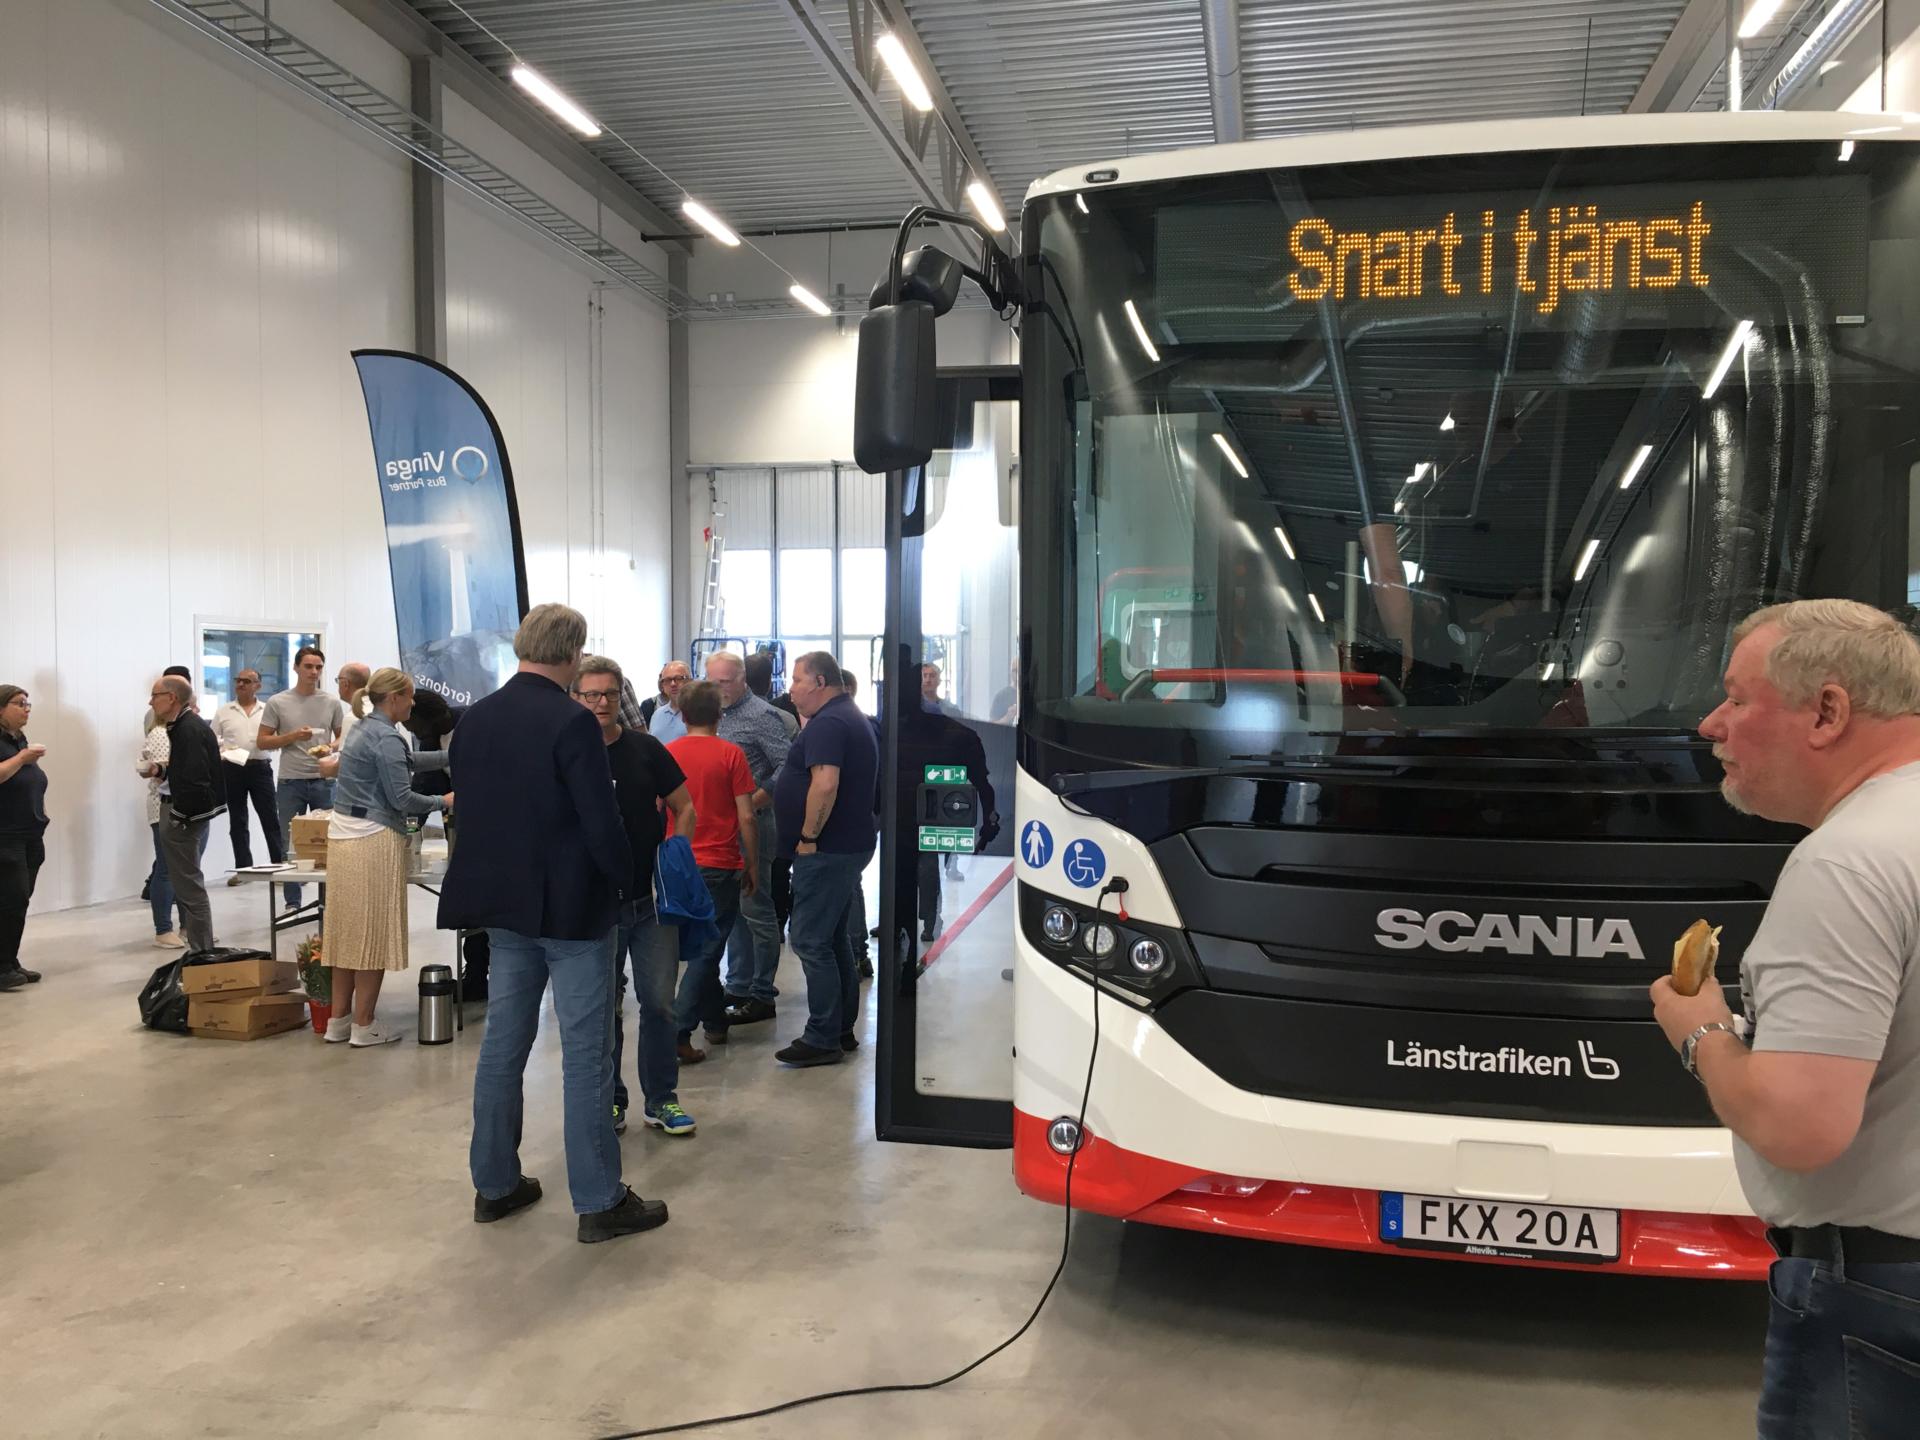 Förarutbildning av nya Scania bussar